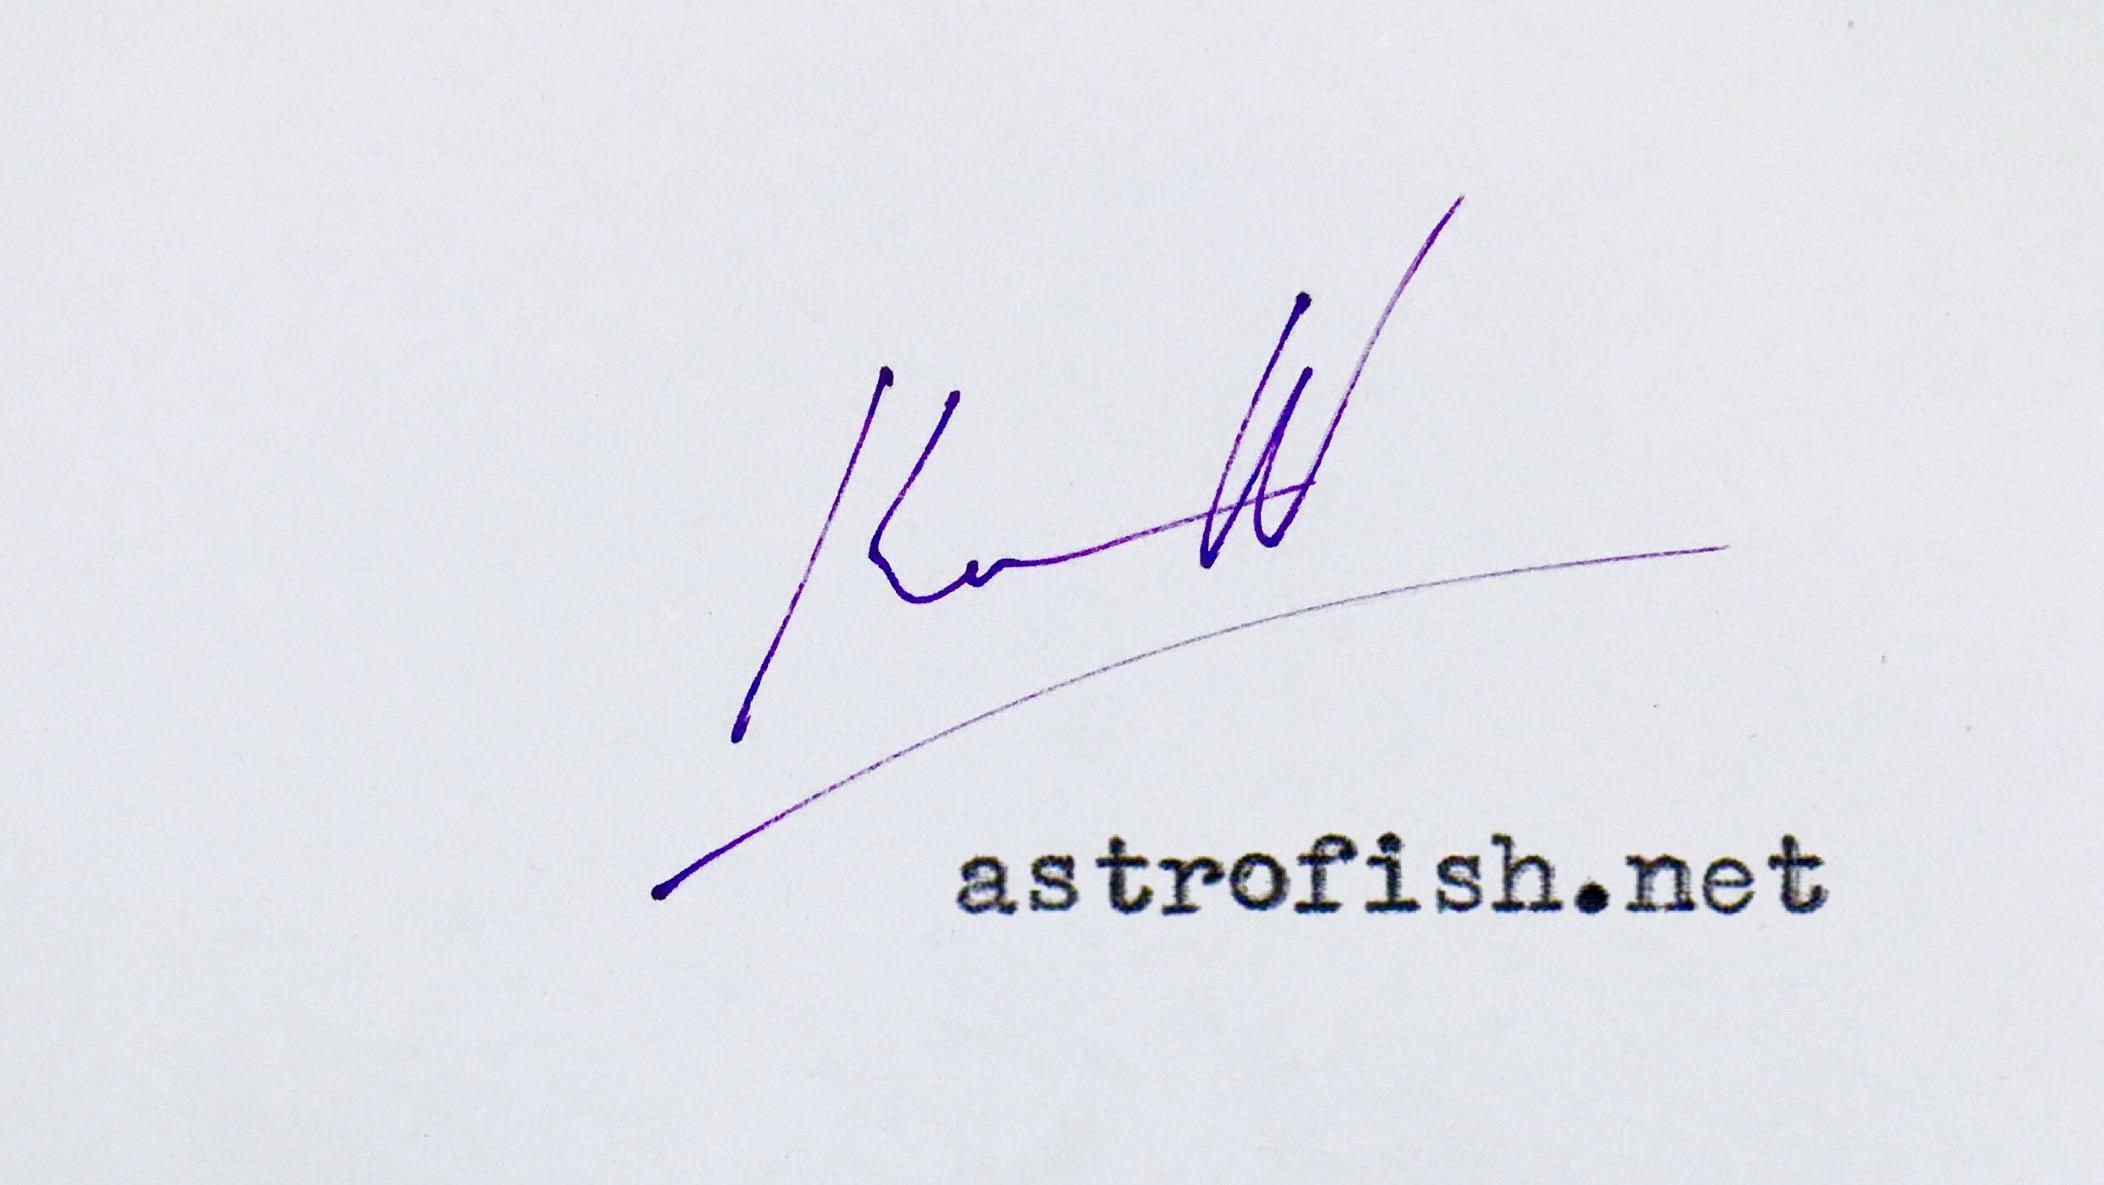 astrofish.net logo for Stripe